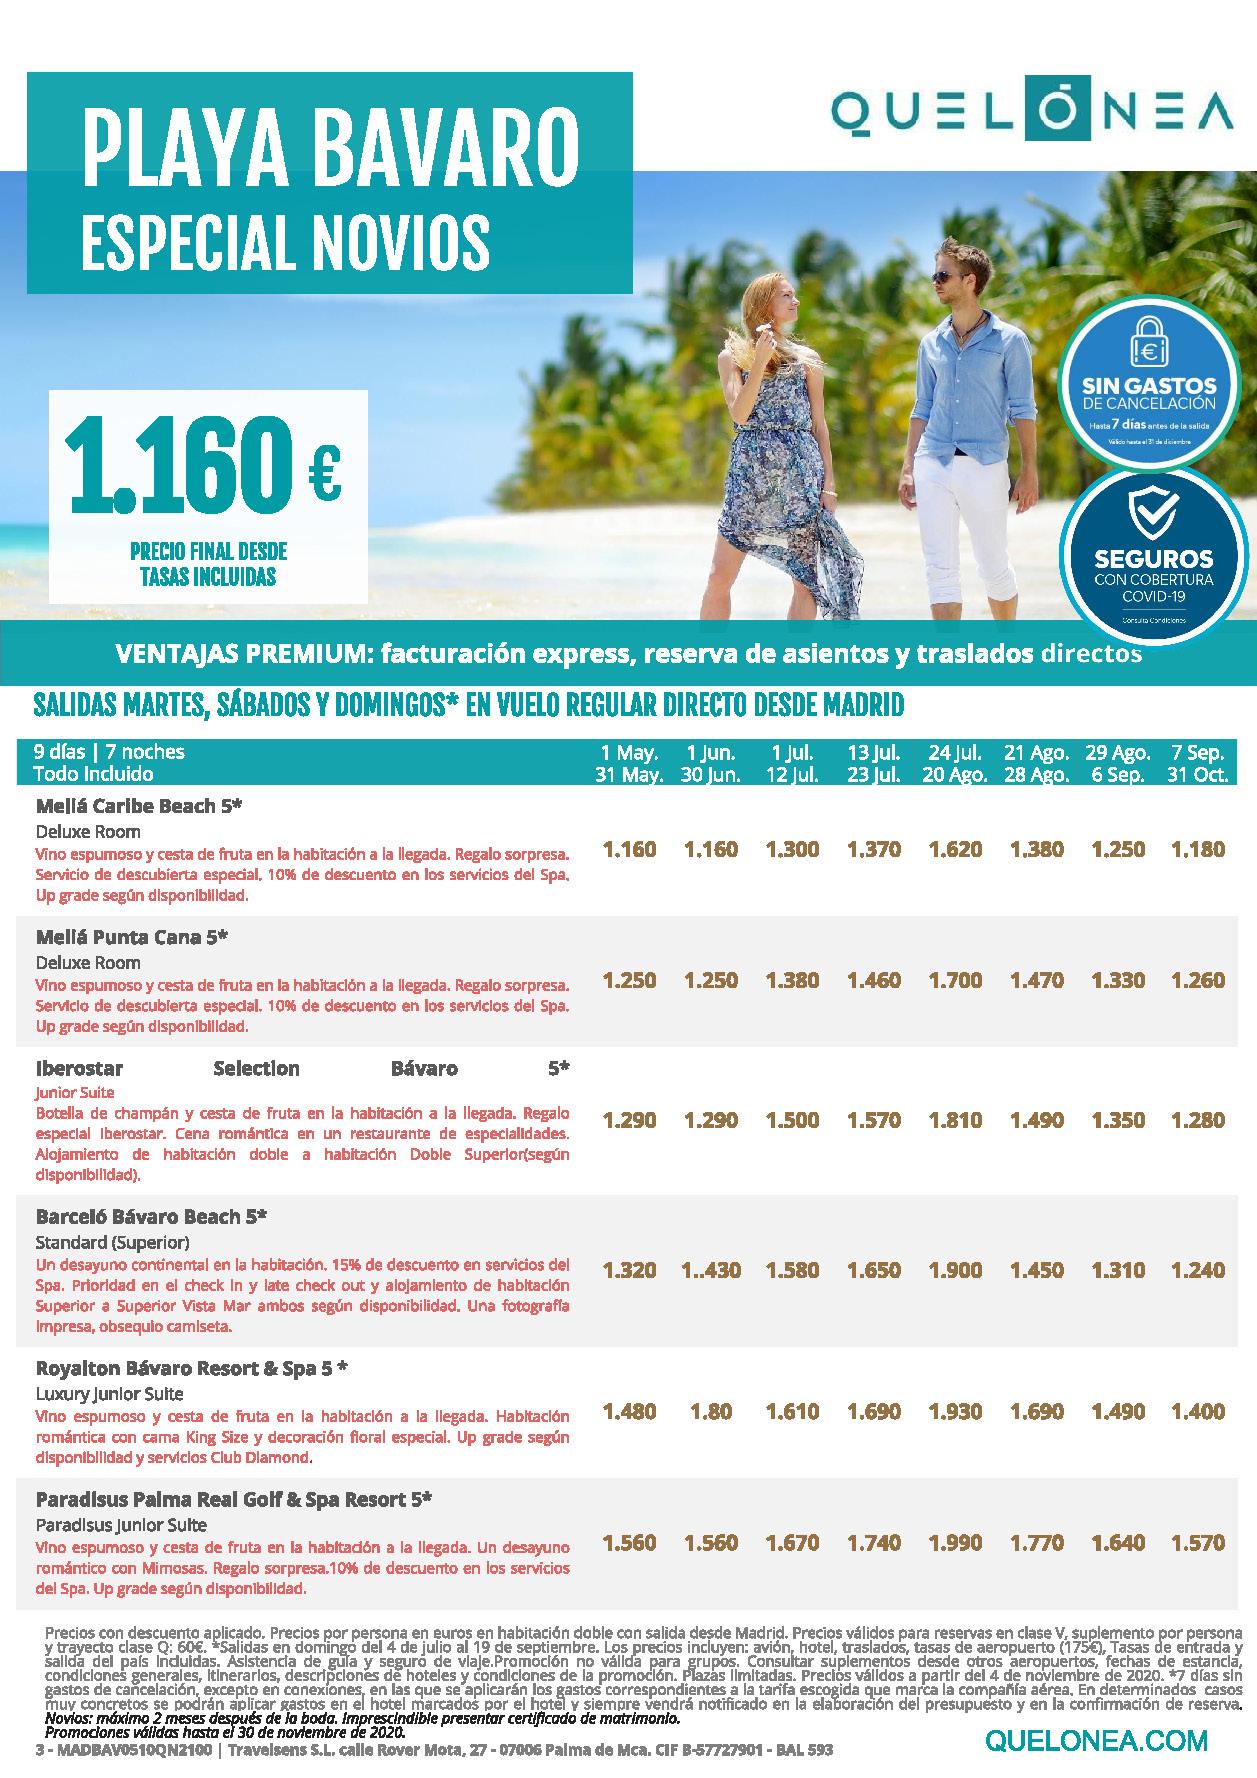 Oferta Quelonea Novios Playa Bavaro Republica Dominicana Verano 2021 vuelo directo desde Madrid